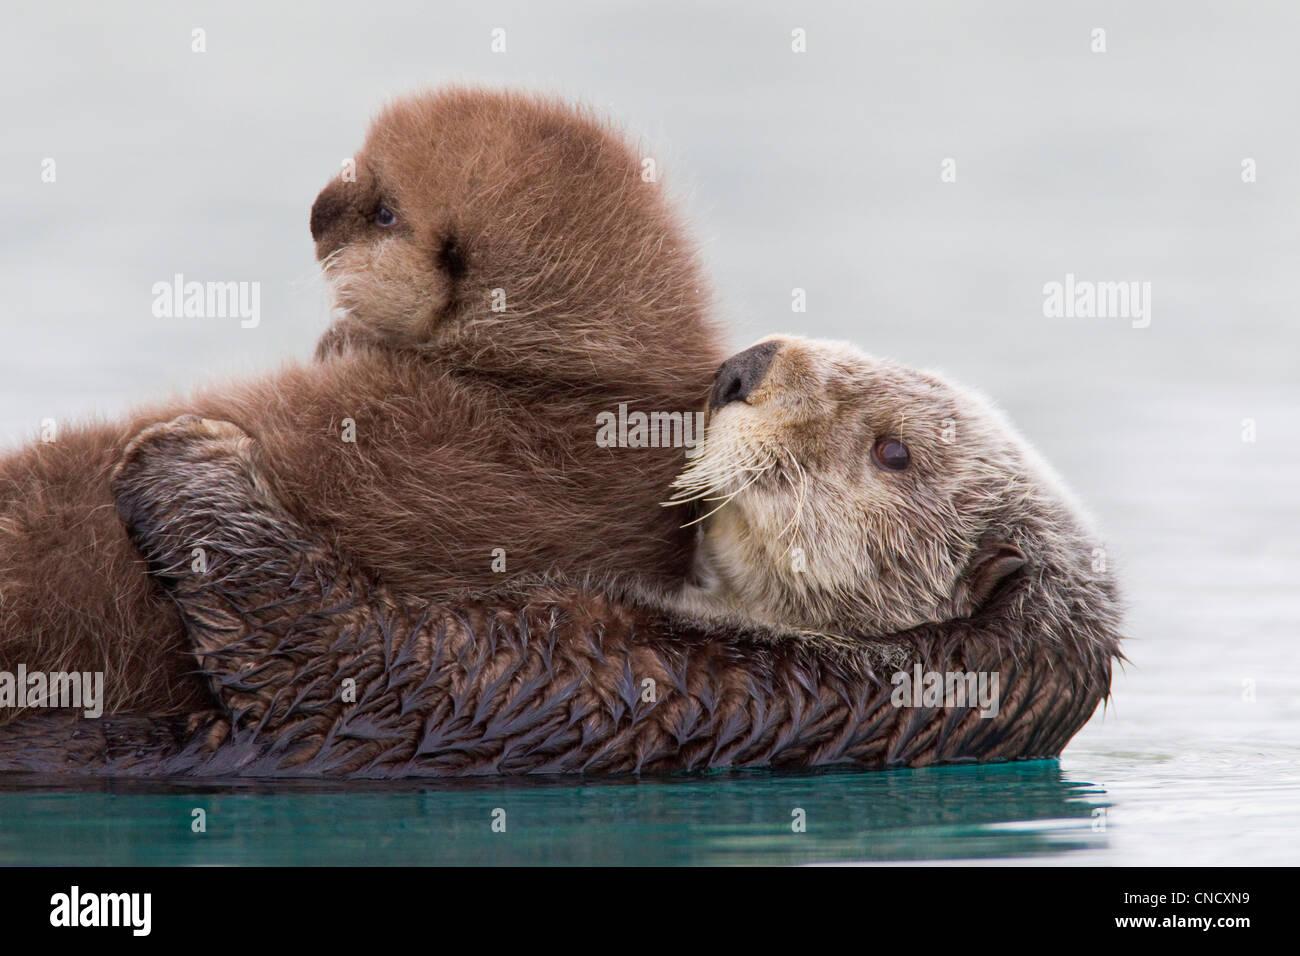 Weiblich-Sea Otter Holding neugeborenen Welpen aus Wasser, Prinz-William-Sund, Yunan Alaska, Winter Stockfoto